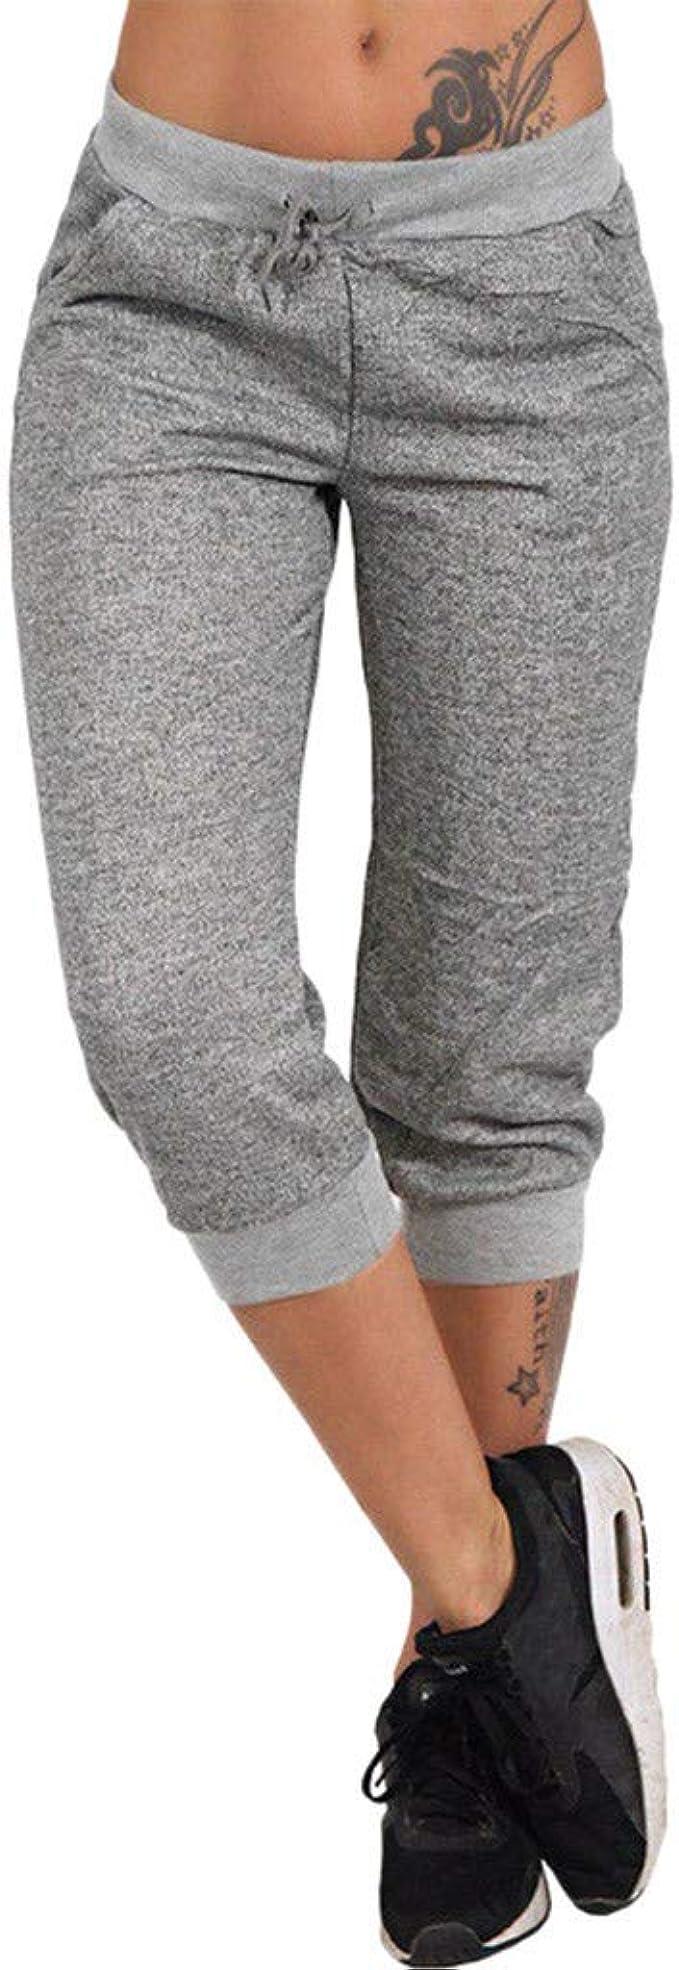 RISTHY 3/4 Pantalones Deporte Yoga Mujer Leggins Leotardos Capri Pantalón Pirata Deportiva Pantalones Algodón Ropa Deportiva Mujer con Cordón para Correr Running Yoga: Amazon.es: Ropa y accesorios